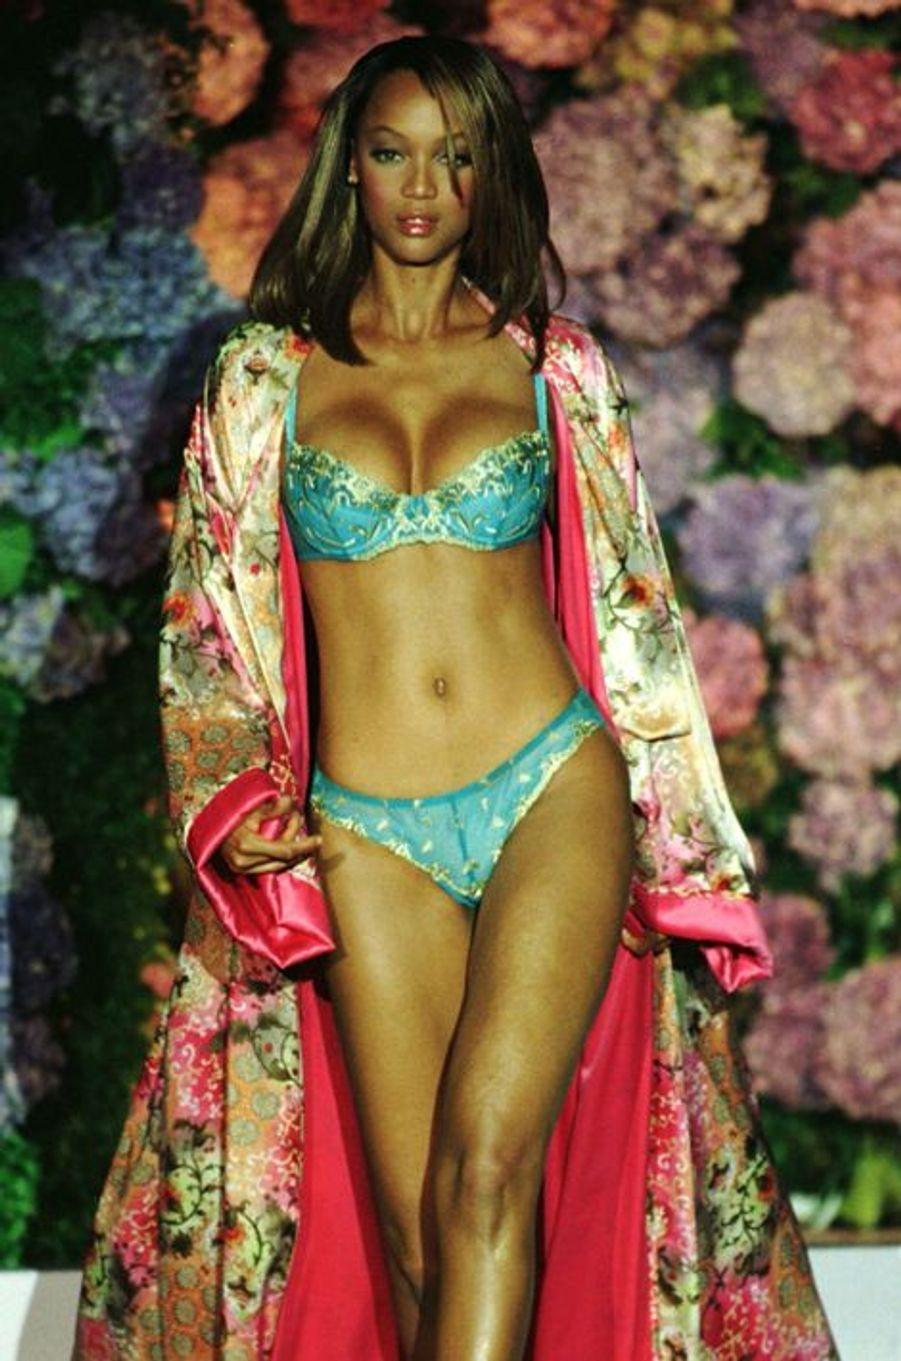 Le défilé de la marque Victoria's Secret en 1998 à New York (Tyra Banks).